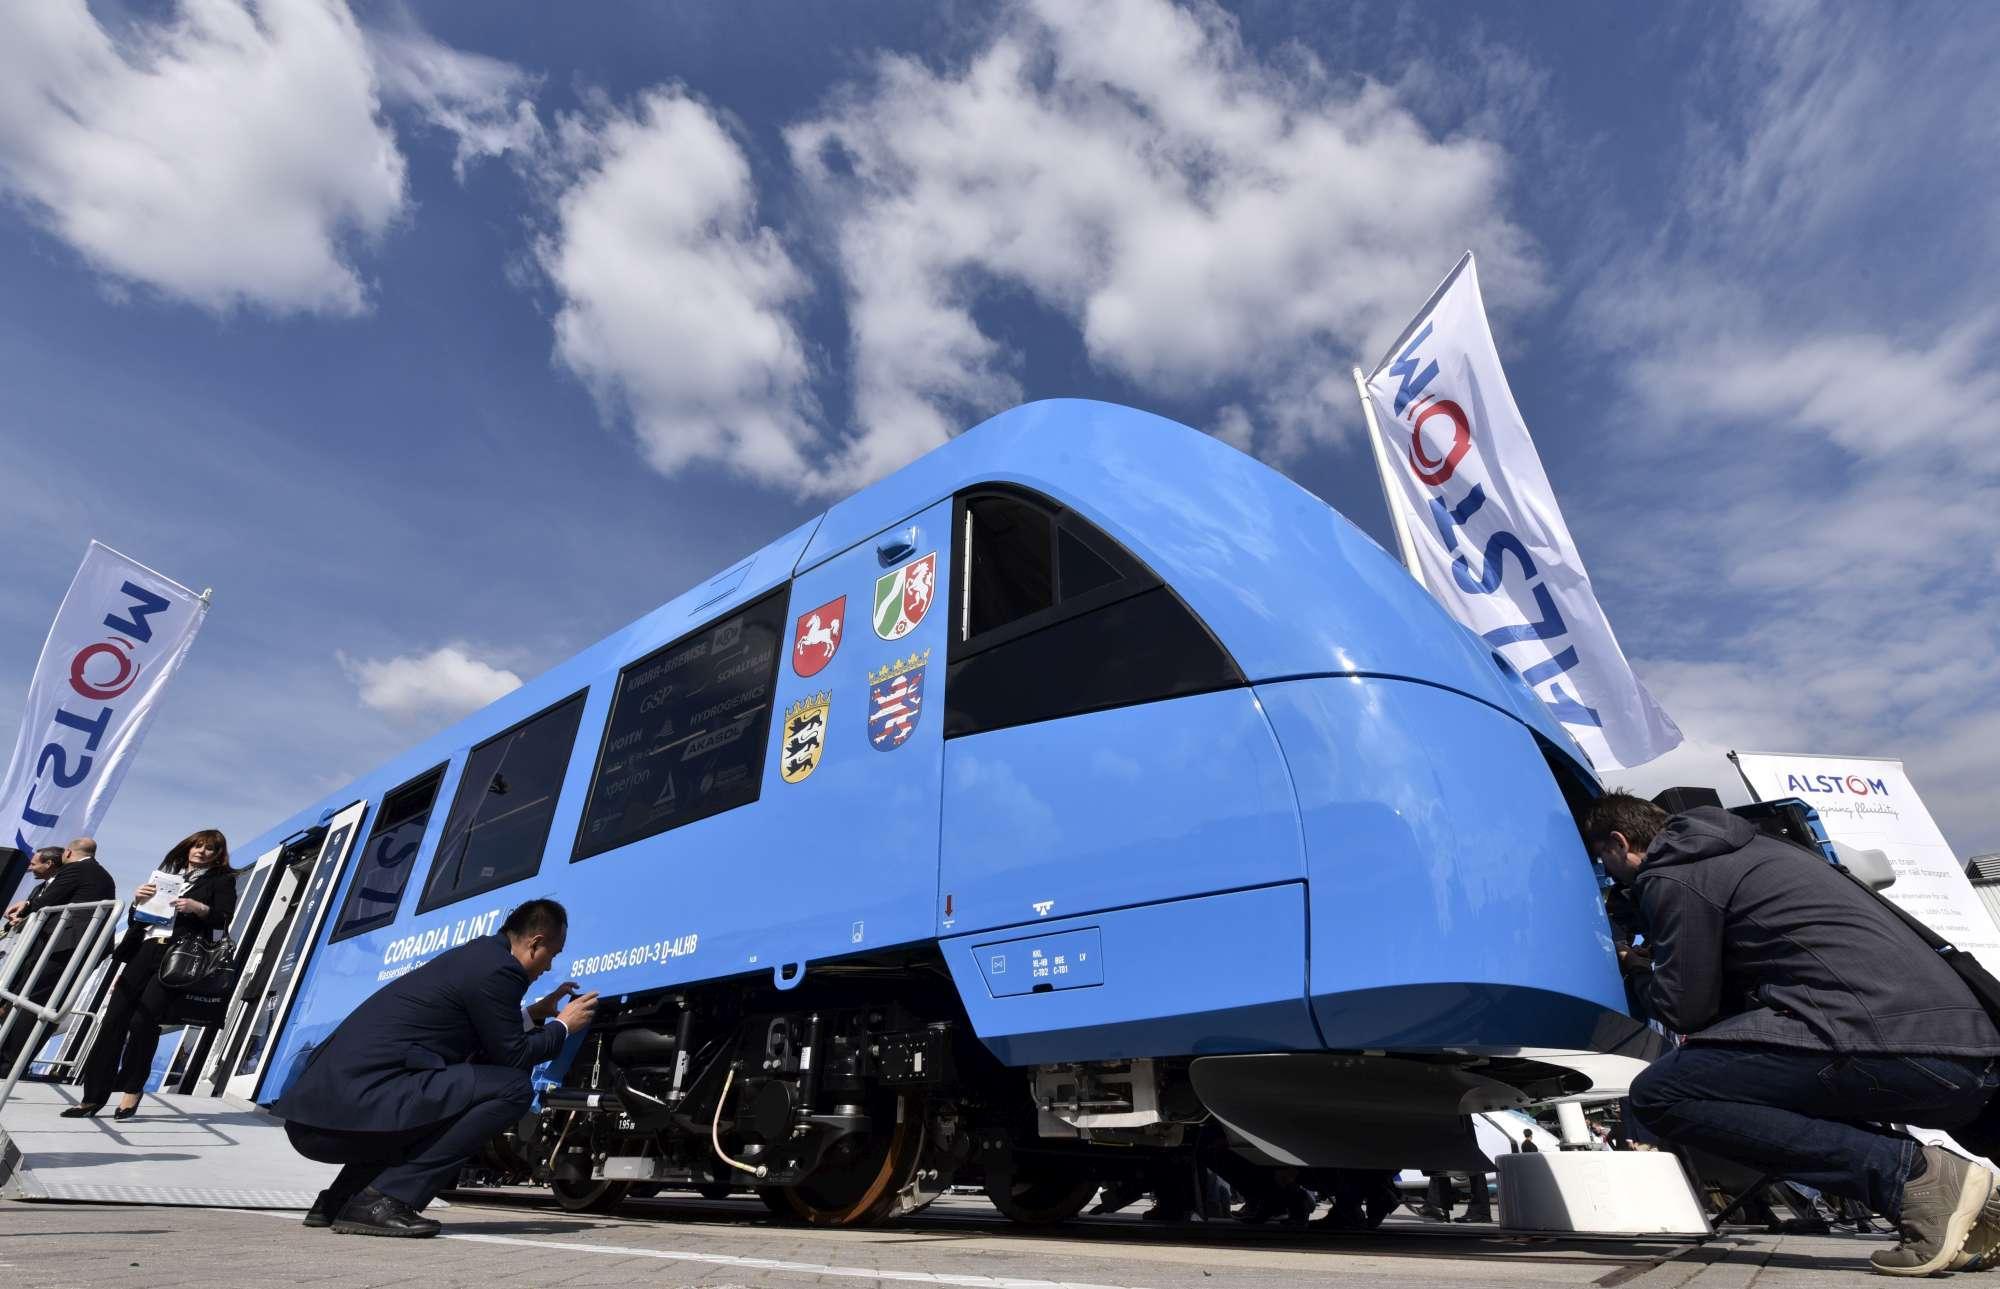 Trasporti a emissioni zero, il primo treno a idrogeno viaggerà in ... d55b4464dd